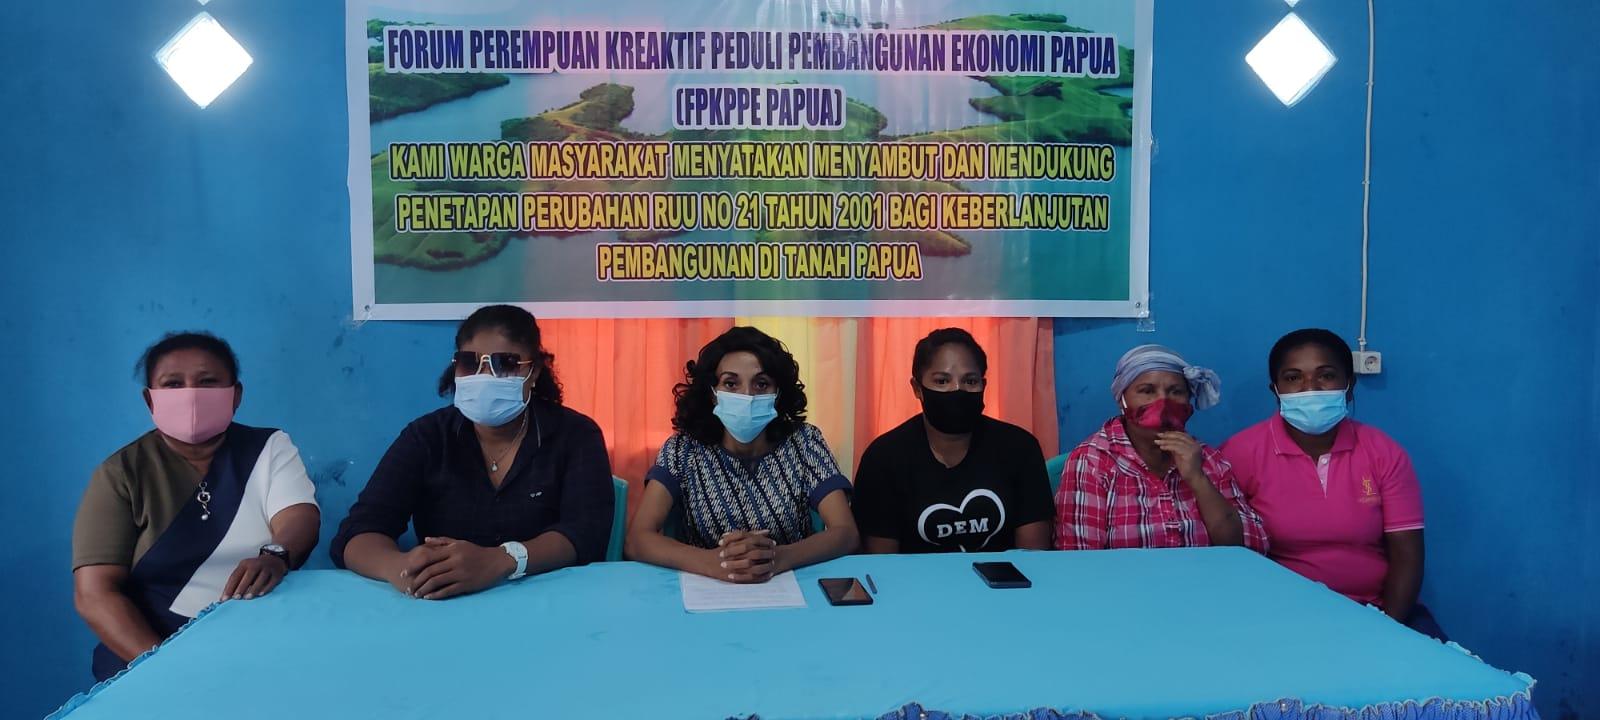 Press conference yang dilakukan oleh FPKPPE Papua.